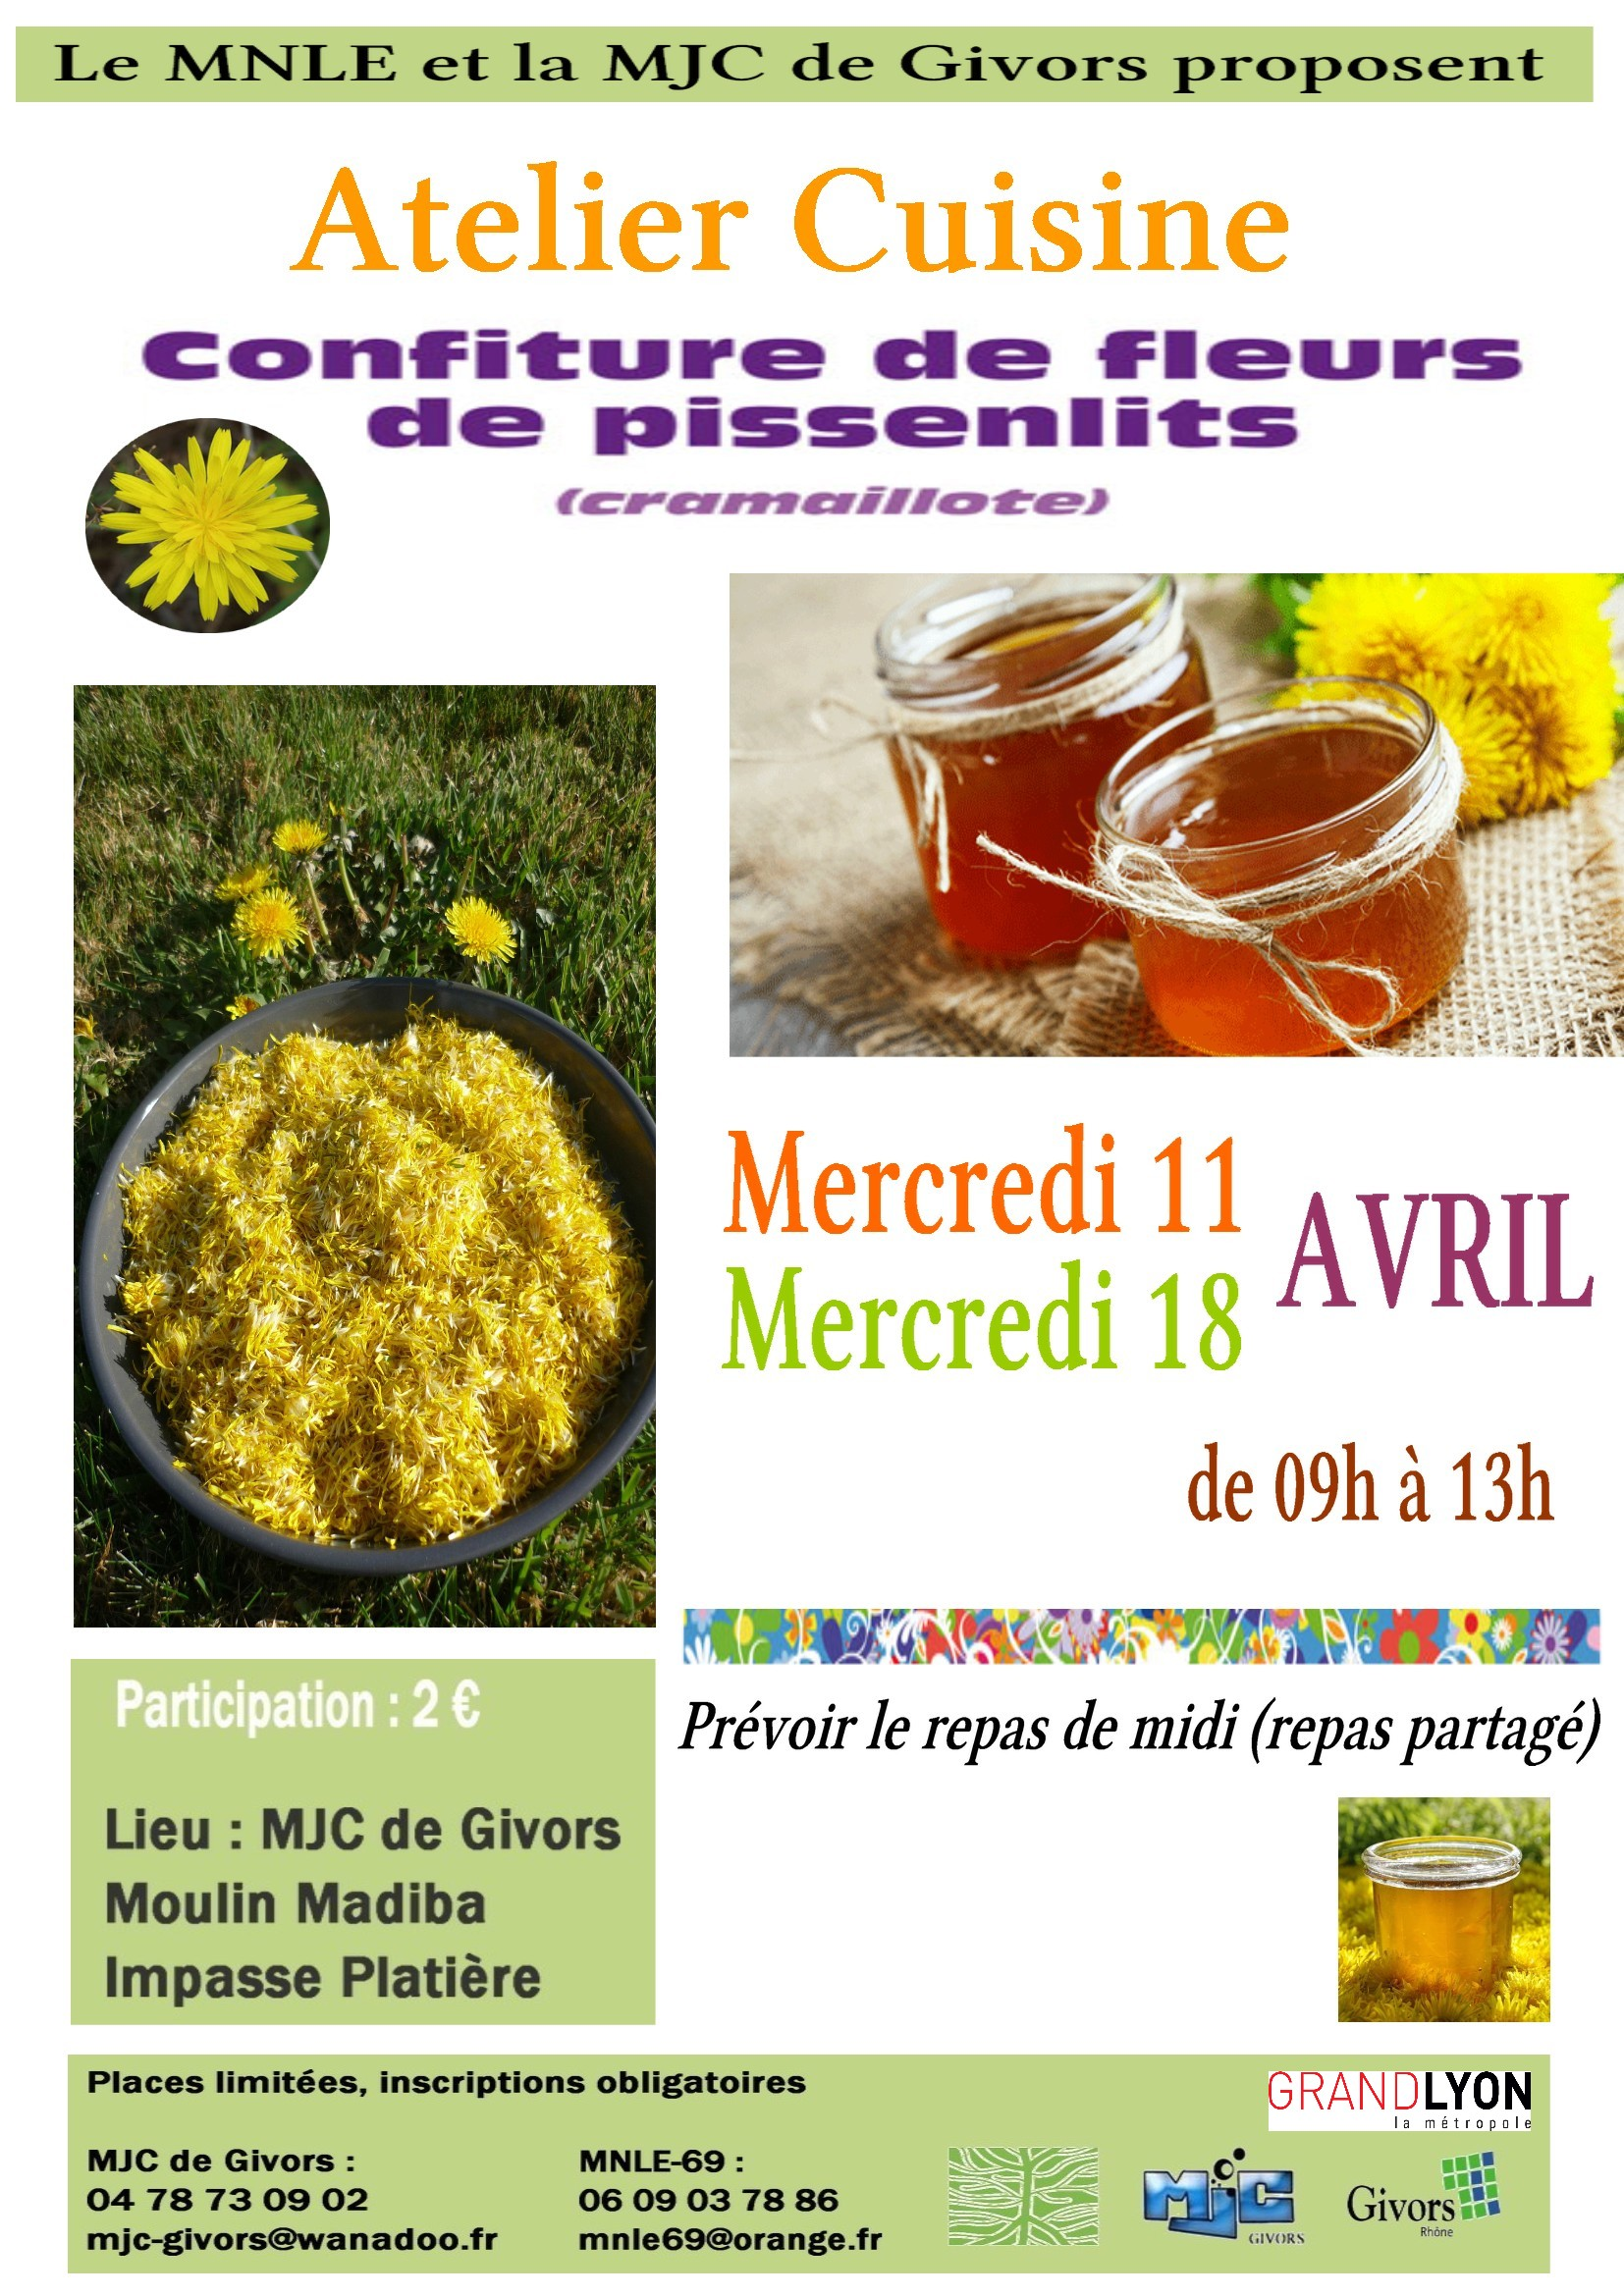 Atelier confiture de fleurs de pissenlit @ MJC Madiba | Givors | Auvergne-Rhône-Alpes | France